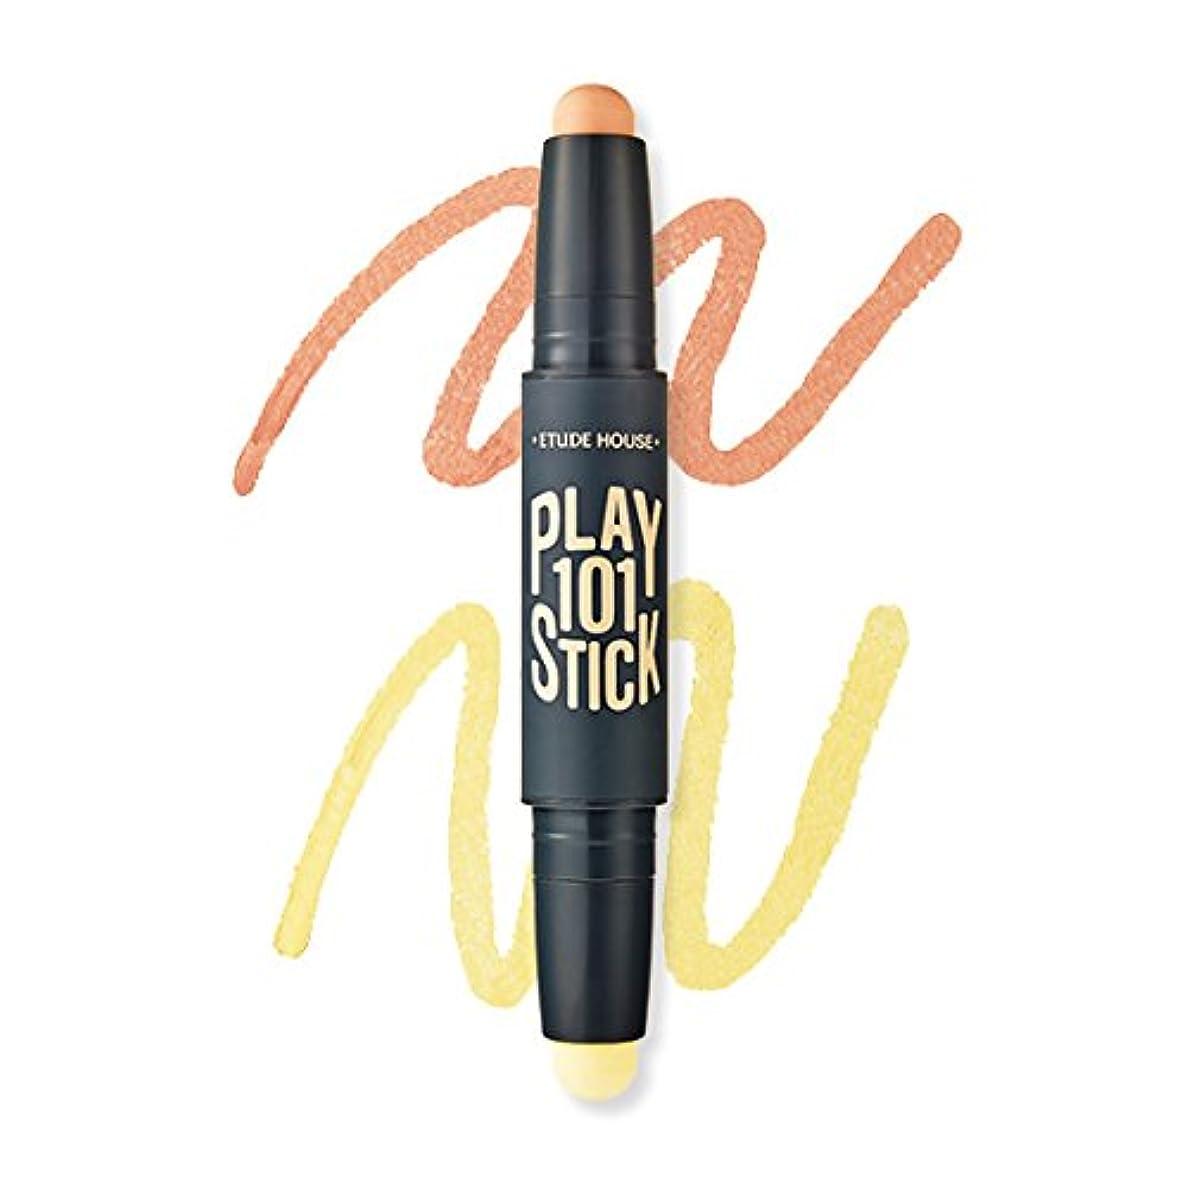 霜膨らませる弱点[New] ETUDE HOUSE Play 101 Stick Color Contour Duo/エチュードハウス プレイ 101 スティック カラー コンツアー デュオ (#01 Blue Out:Peach Orange...